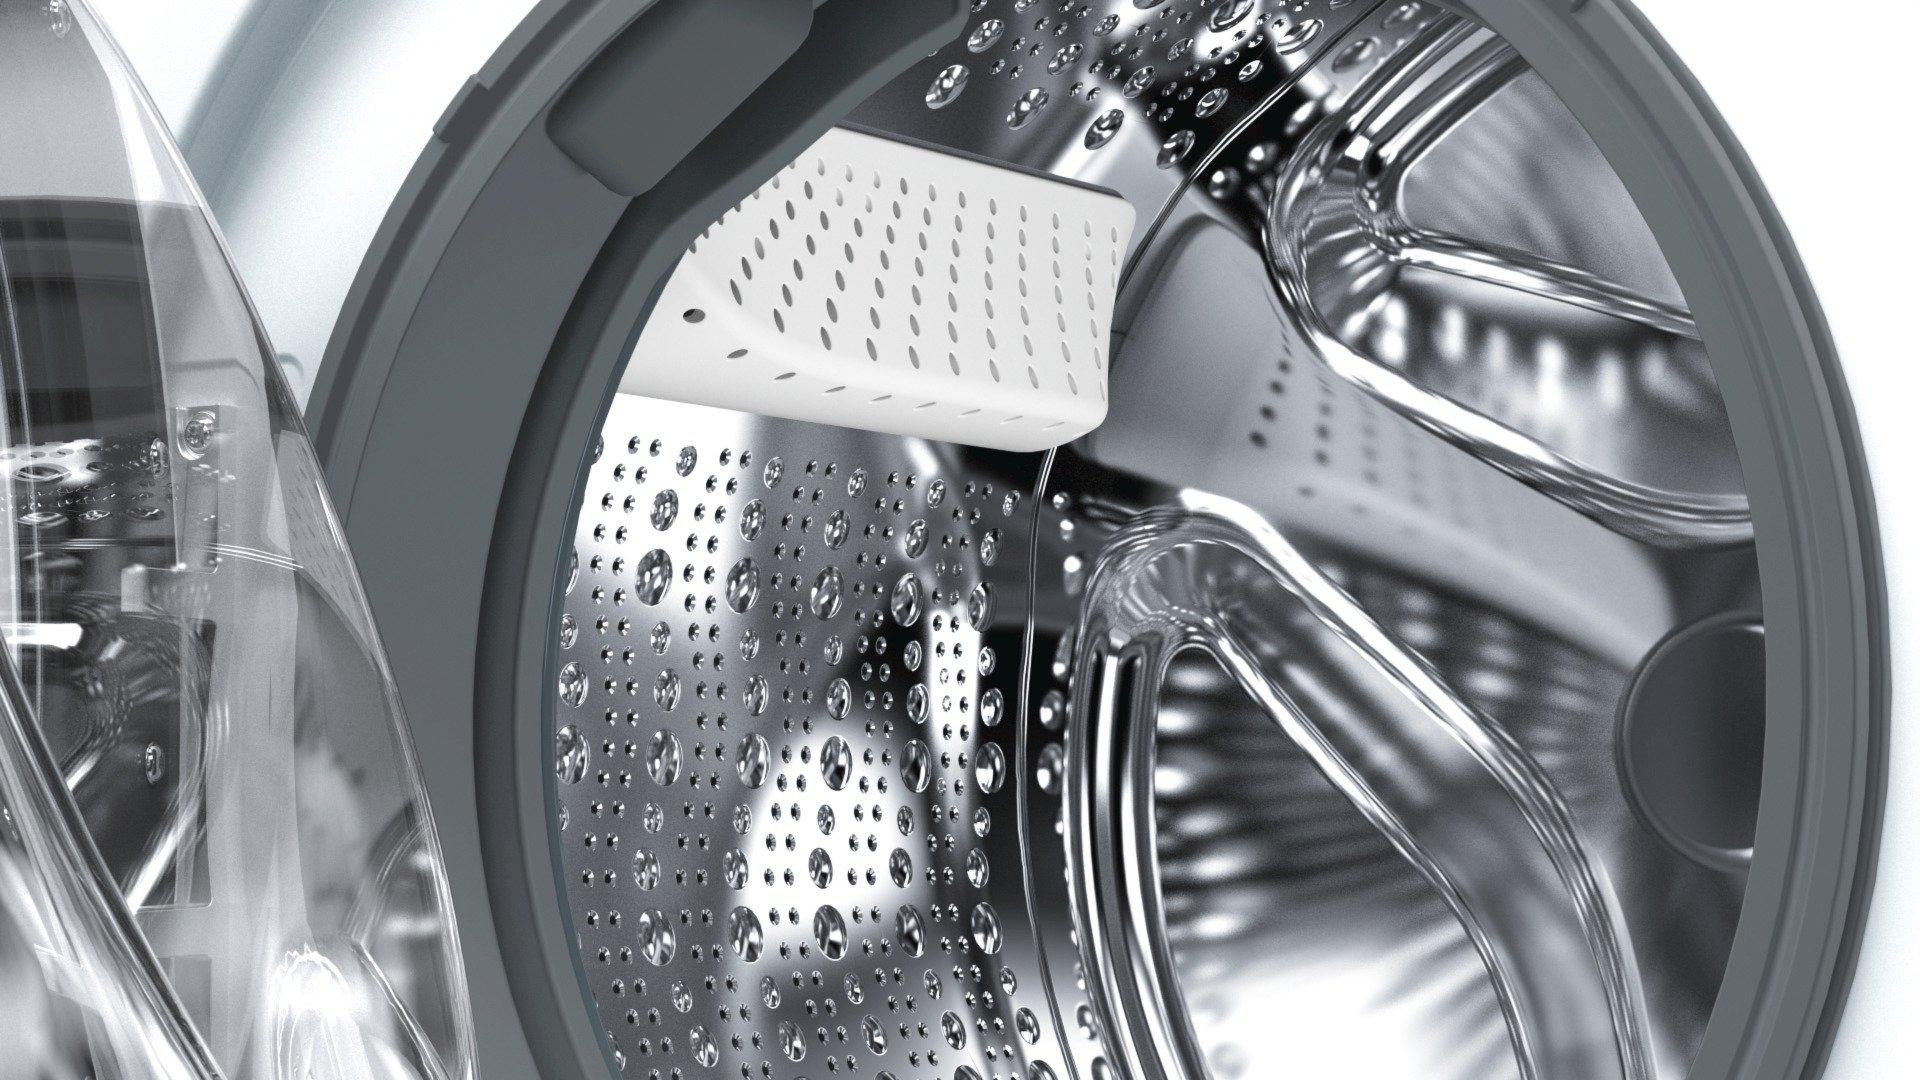 Siemens-wm14q448ii-autonome-Belastung-Bevor-8-kg-1400trmin-A-Wei-Waschmaschine-Waschmaschinen-autonome-bevor-Belastung-wei-links-LED-Edelstahl